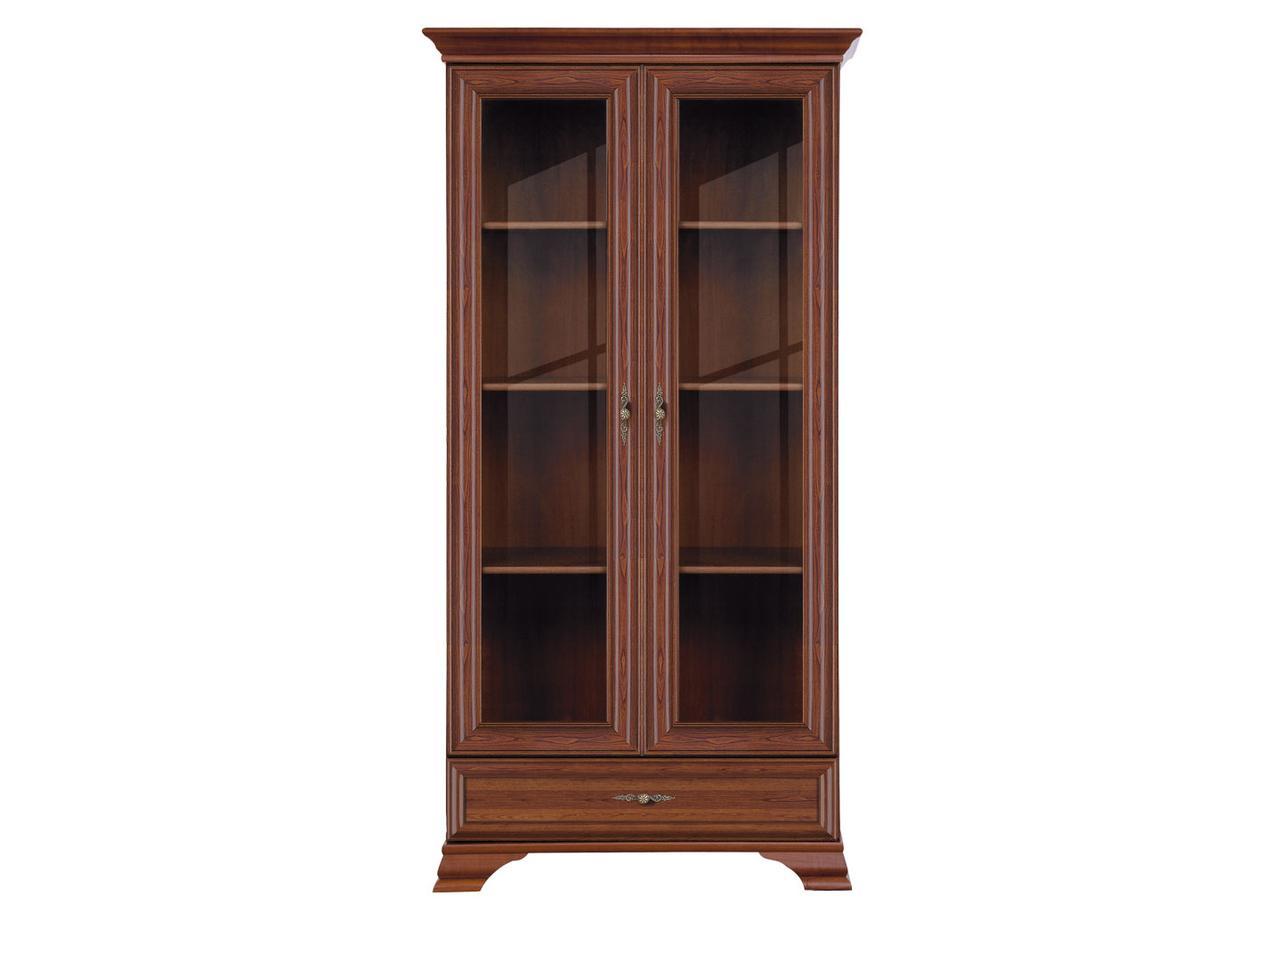 Шкаф витрина 2Д , коллекции Кентаки, Каштан, БРВ Брест (Беларусь)